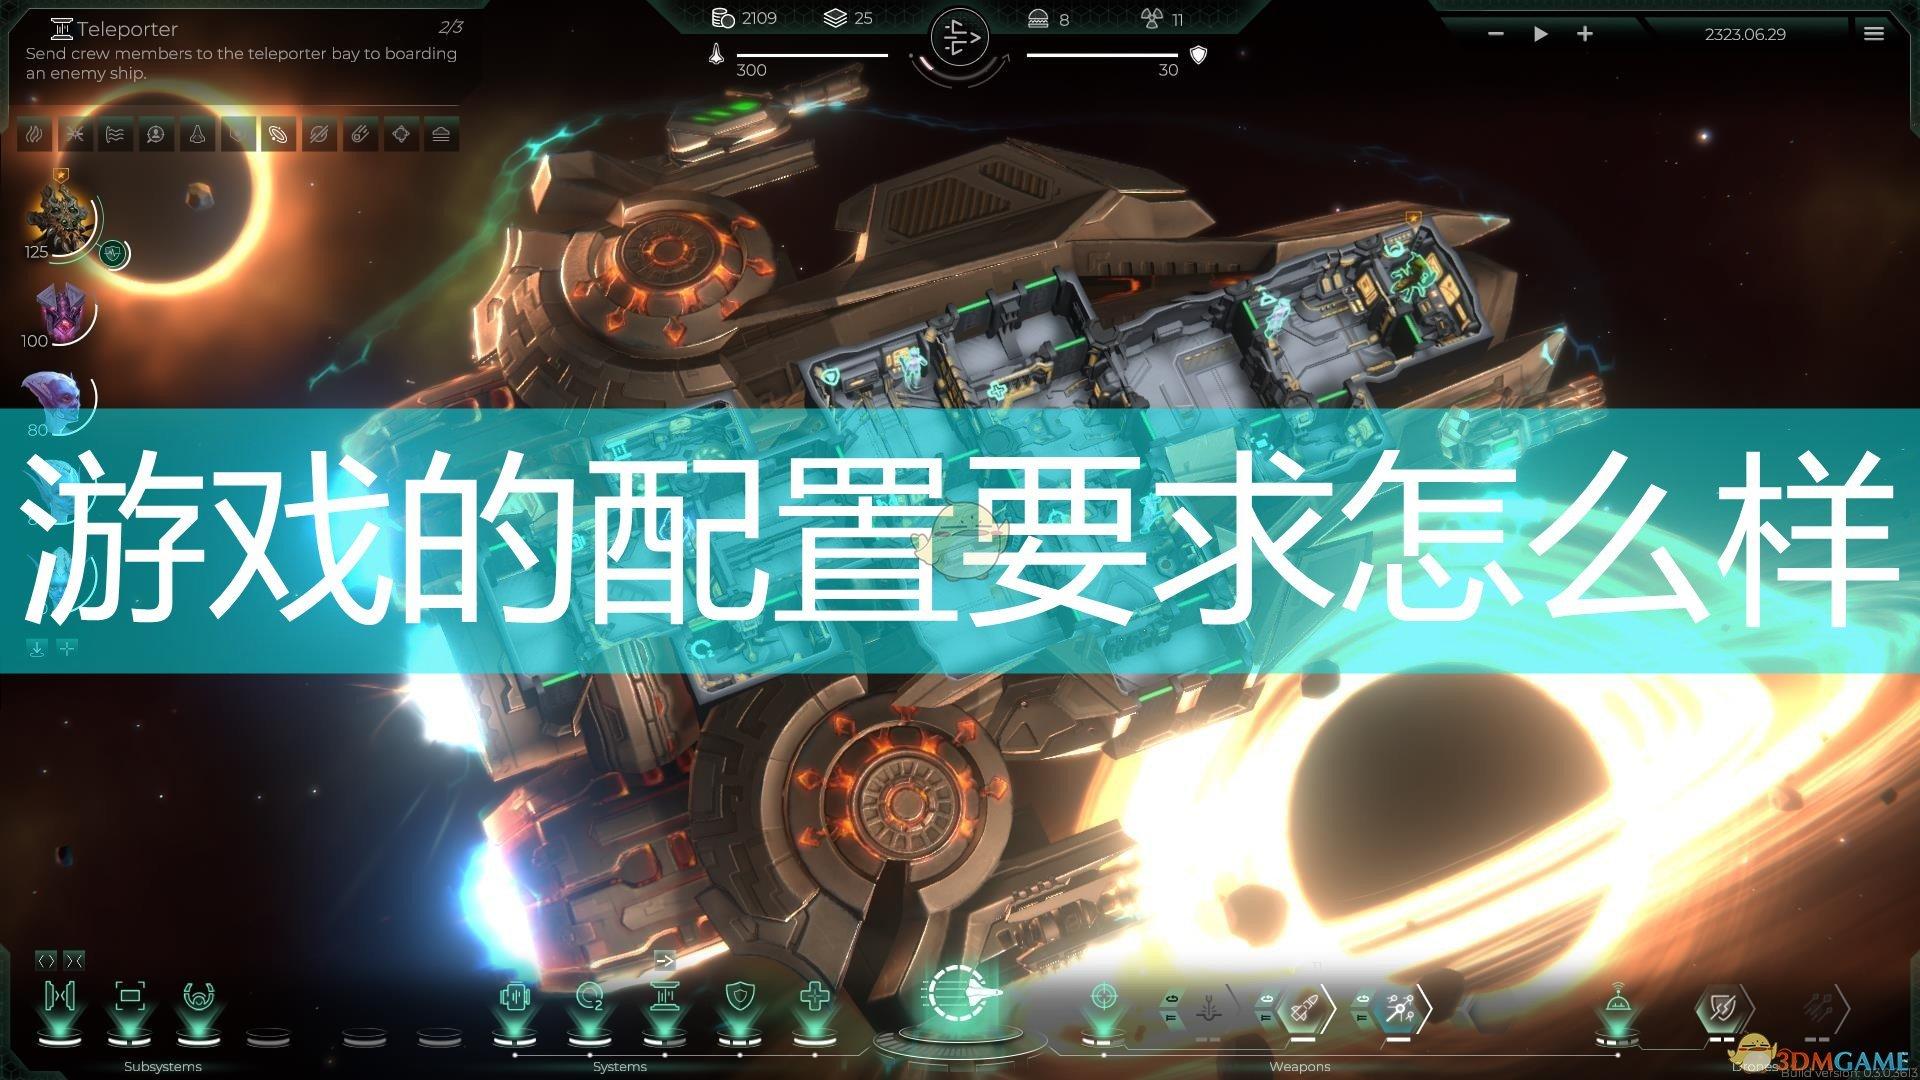 《叁琴座:星际冒险》游戏配置要求一览